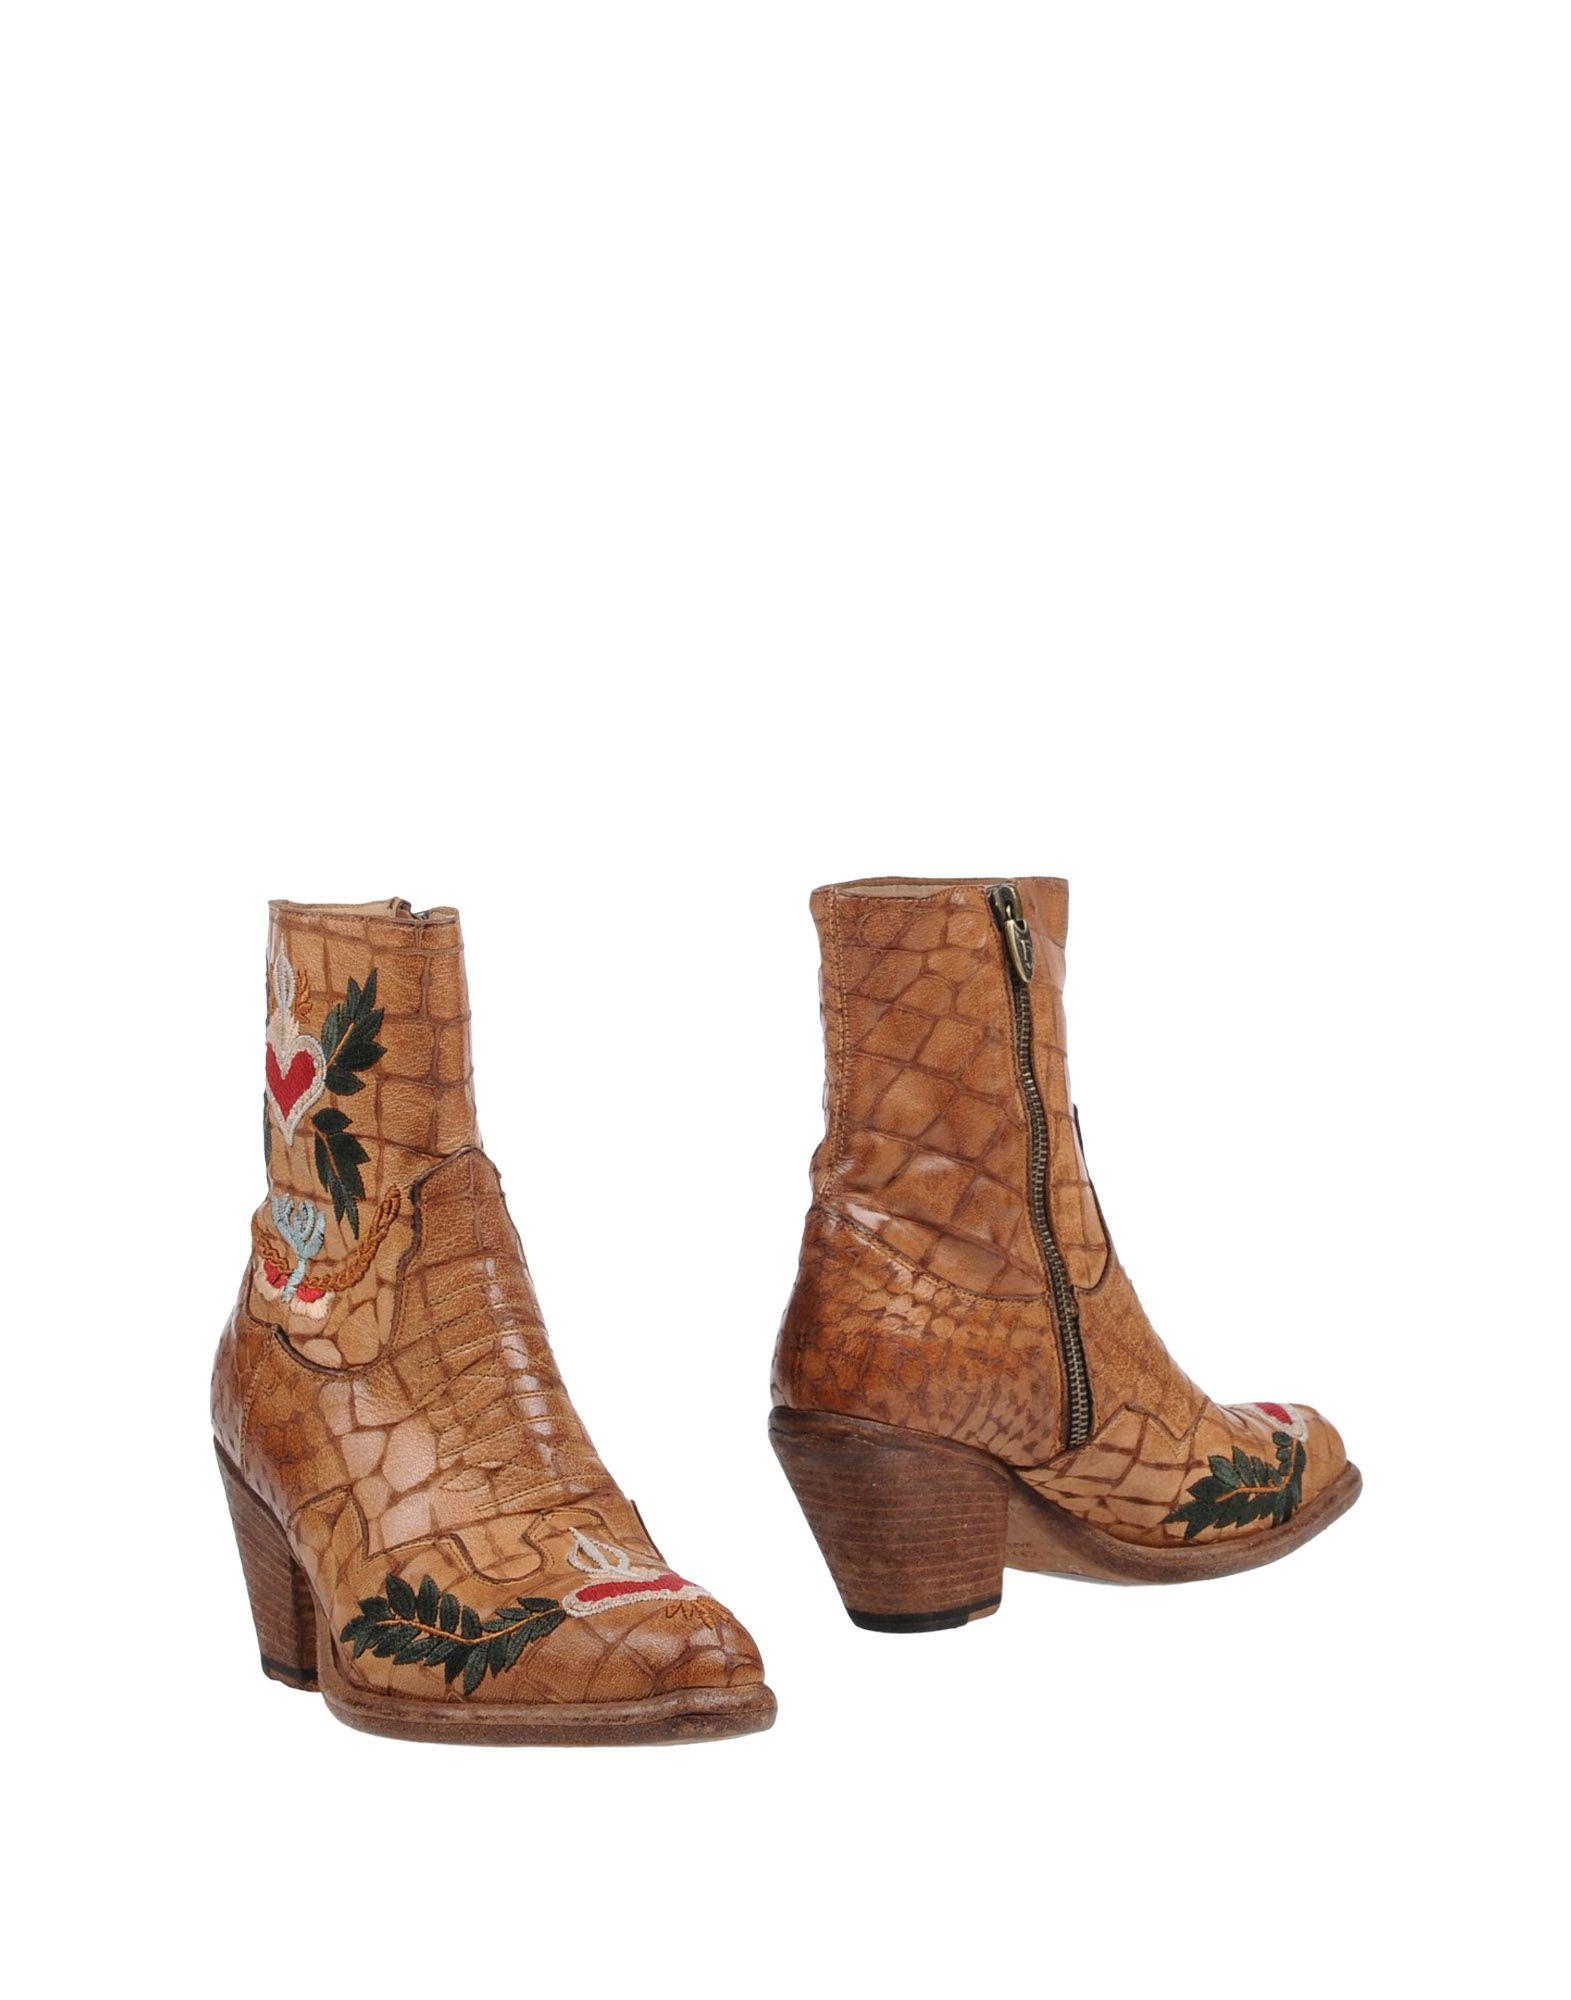 Fauzian Jeunesse Vintage Stiefelette Damen  11448640FI Neue Schuhe Schuhe Neue 30ab9f